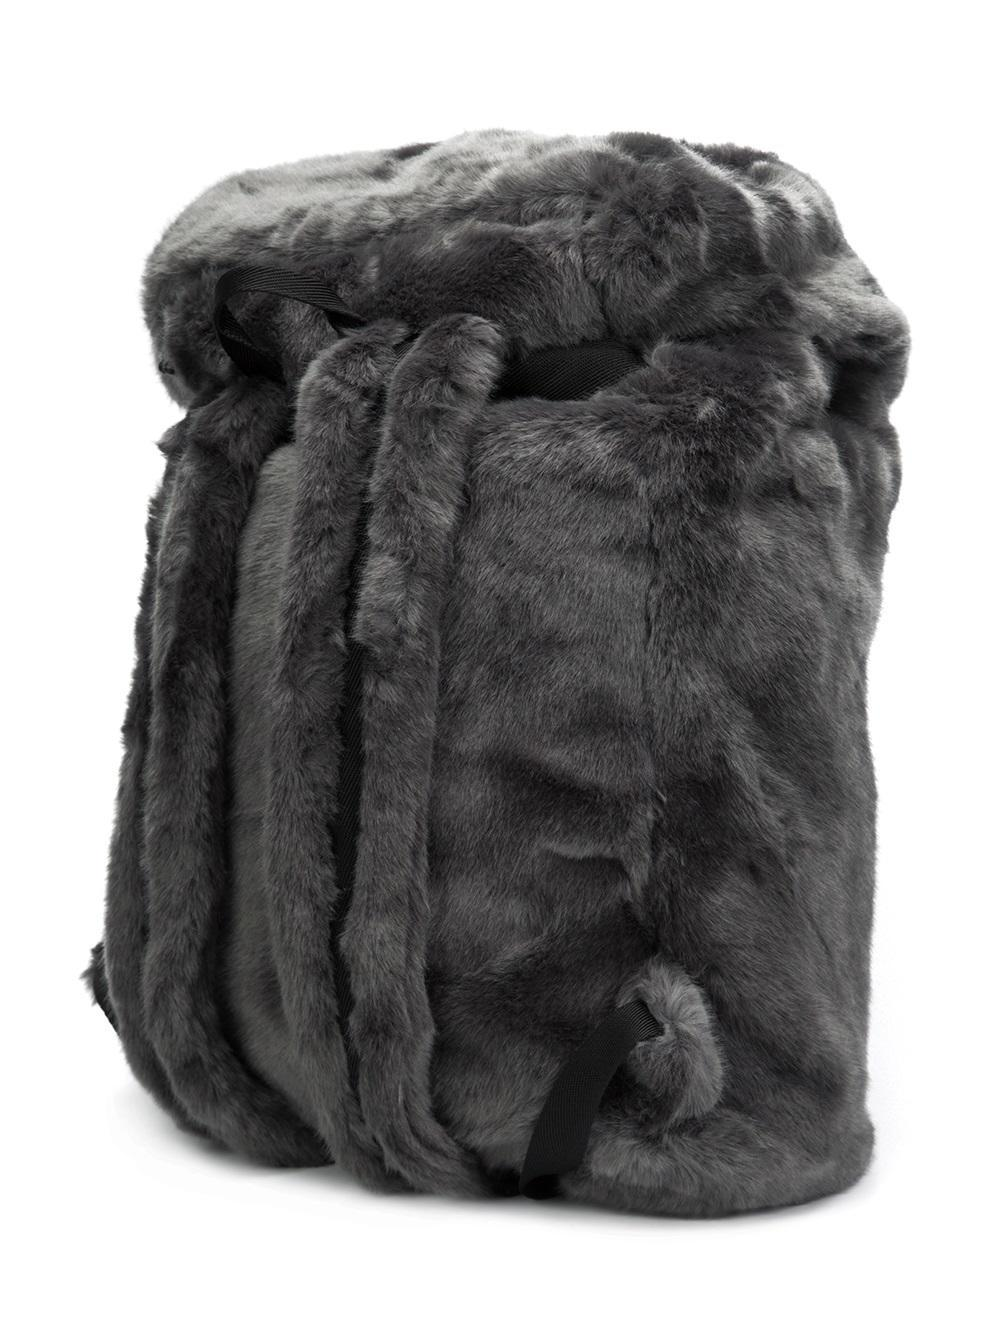 441f83a80459 Lyst - PUMA Fenty X Rihanna Fur Effect Backpack in Gray